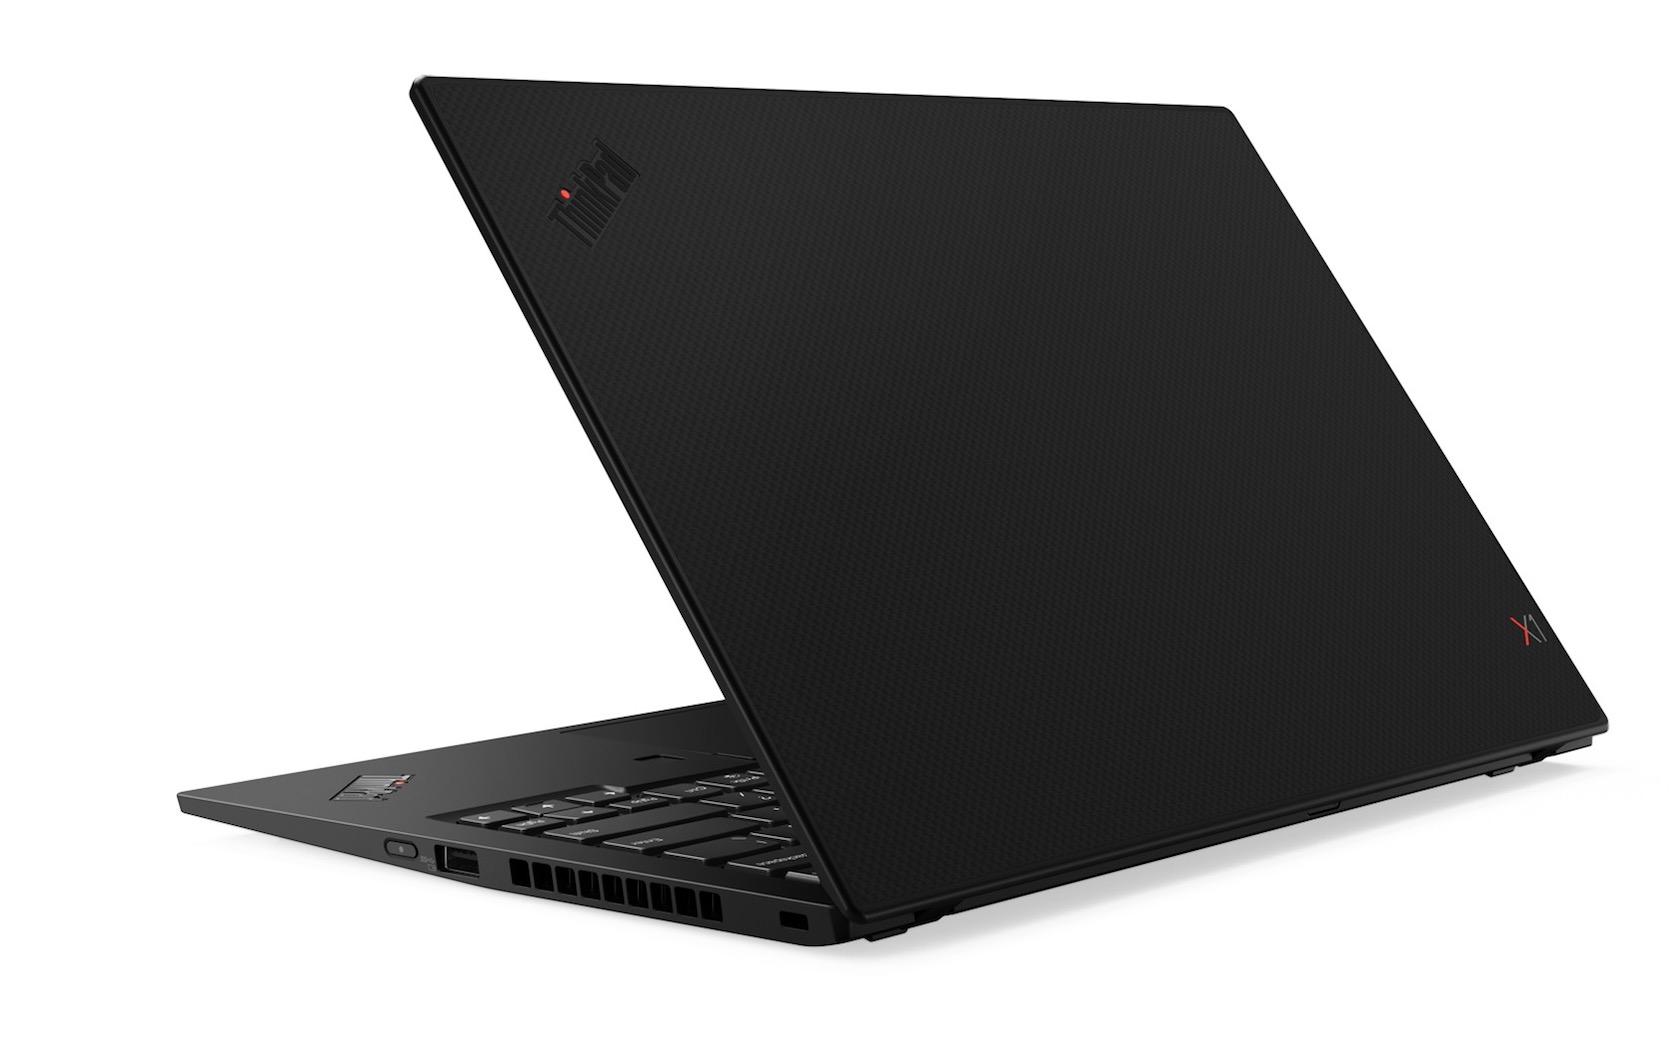 Lenovo ThinkPad X1 Carbon and X1 Yoga lead Intel